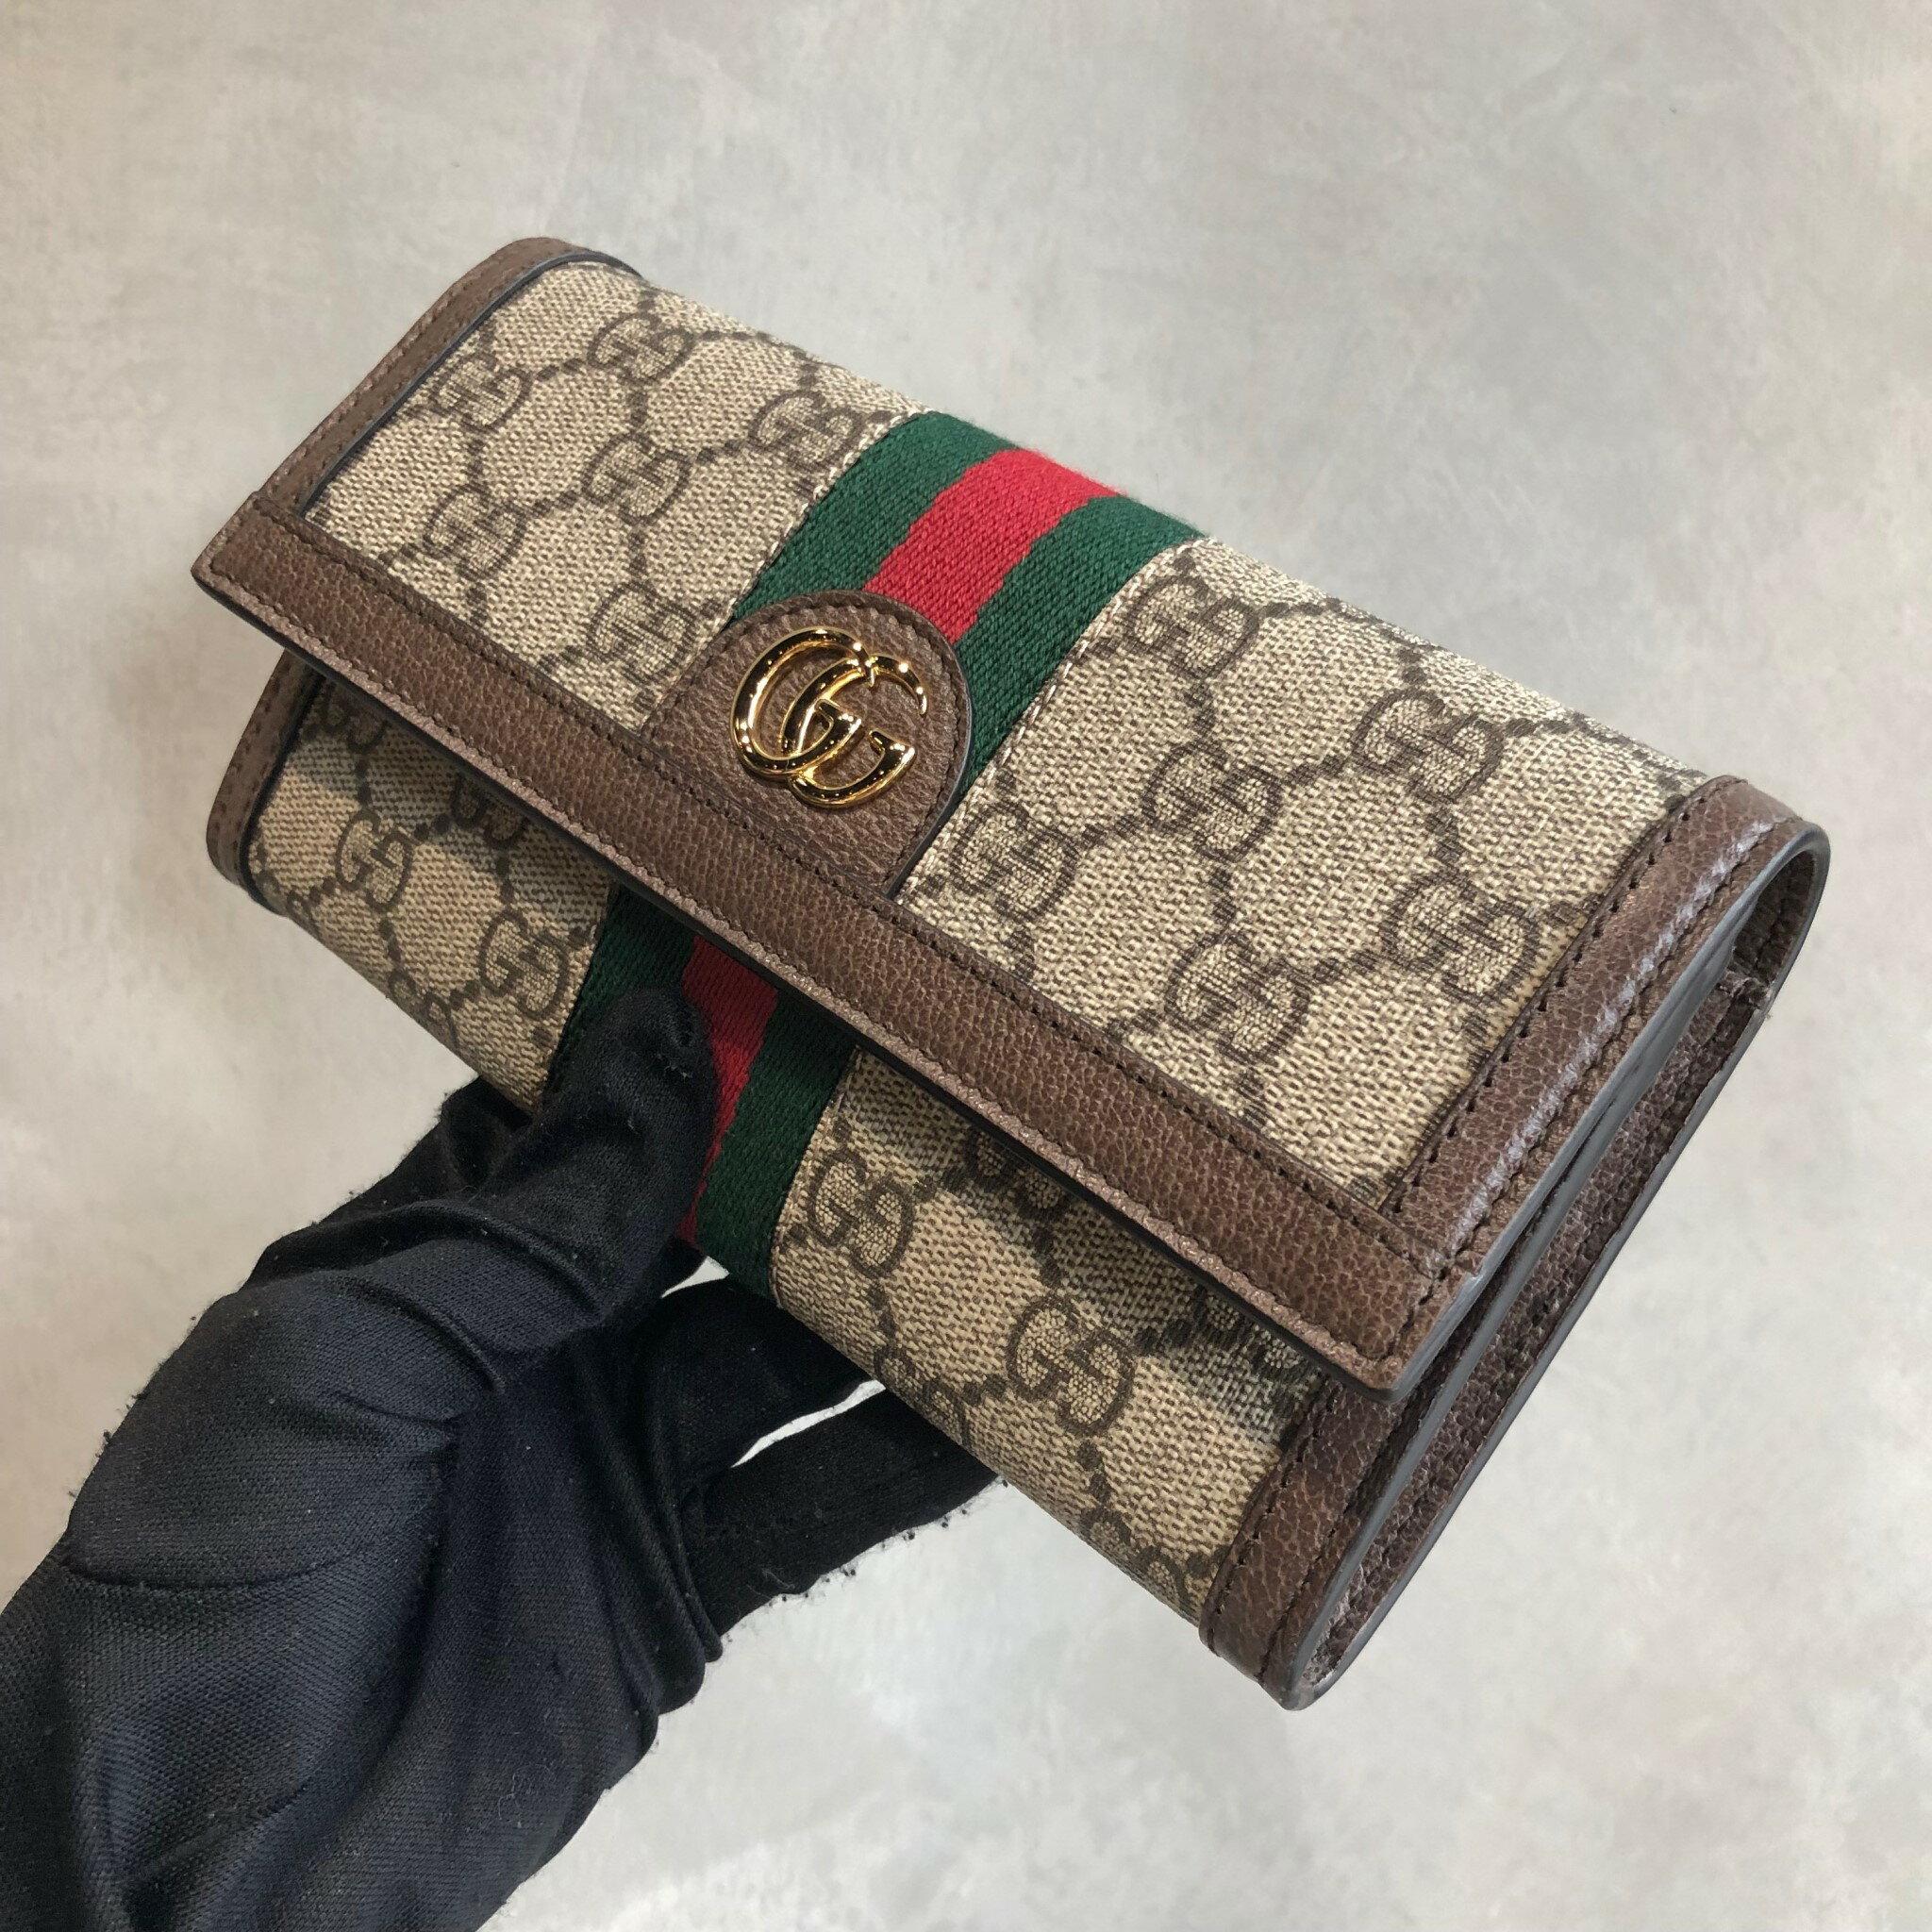 【Chiu189英歐代購】Gucci Ophidia GG Supreme復古老花掀蓋折式長夾 咖啡棕色523153